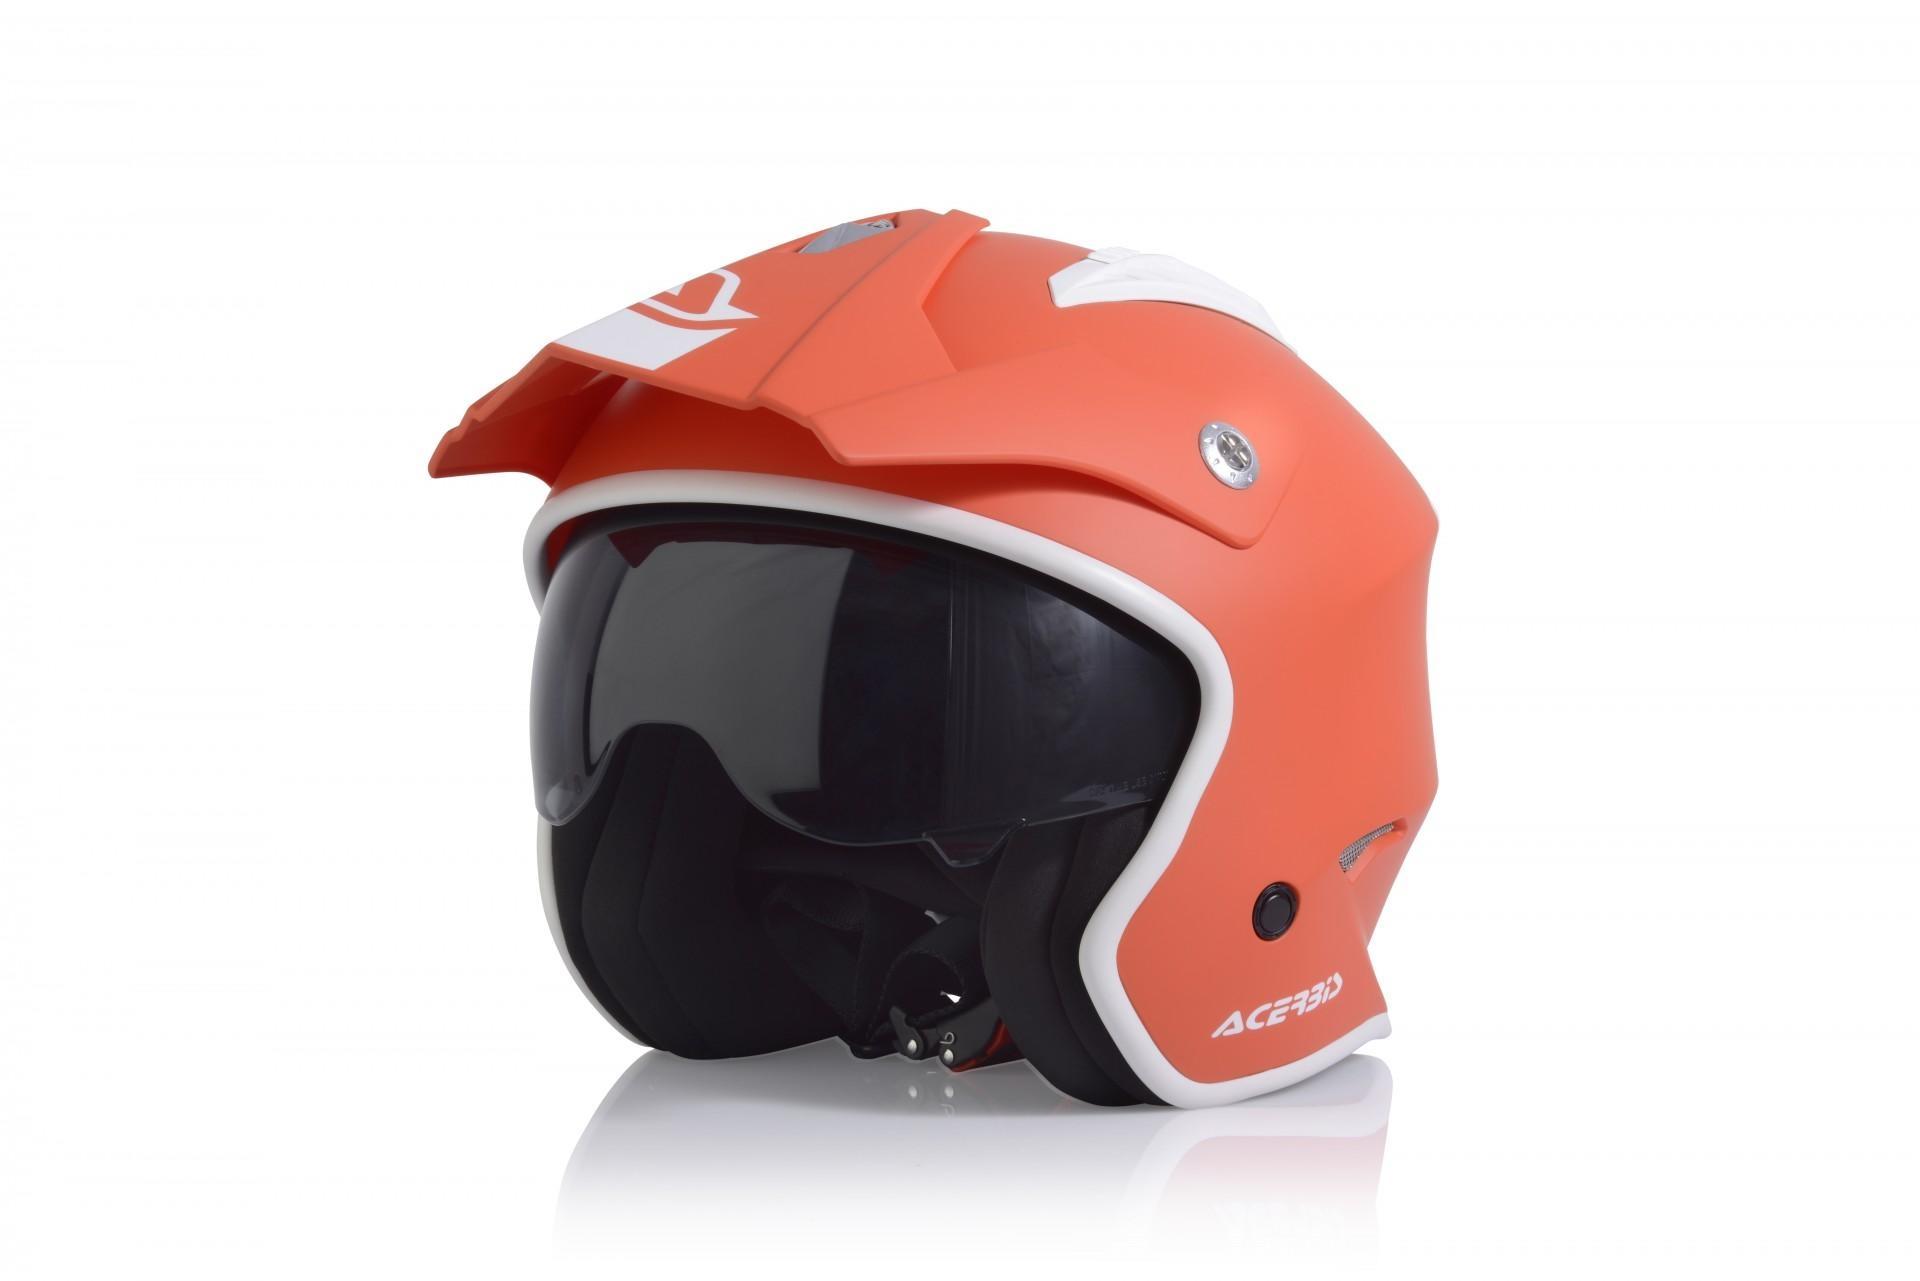 Casco Jet Acerbis JET ARIA red tangerine 3